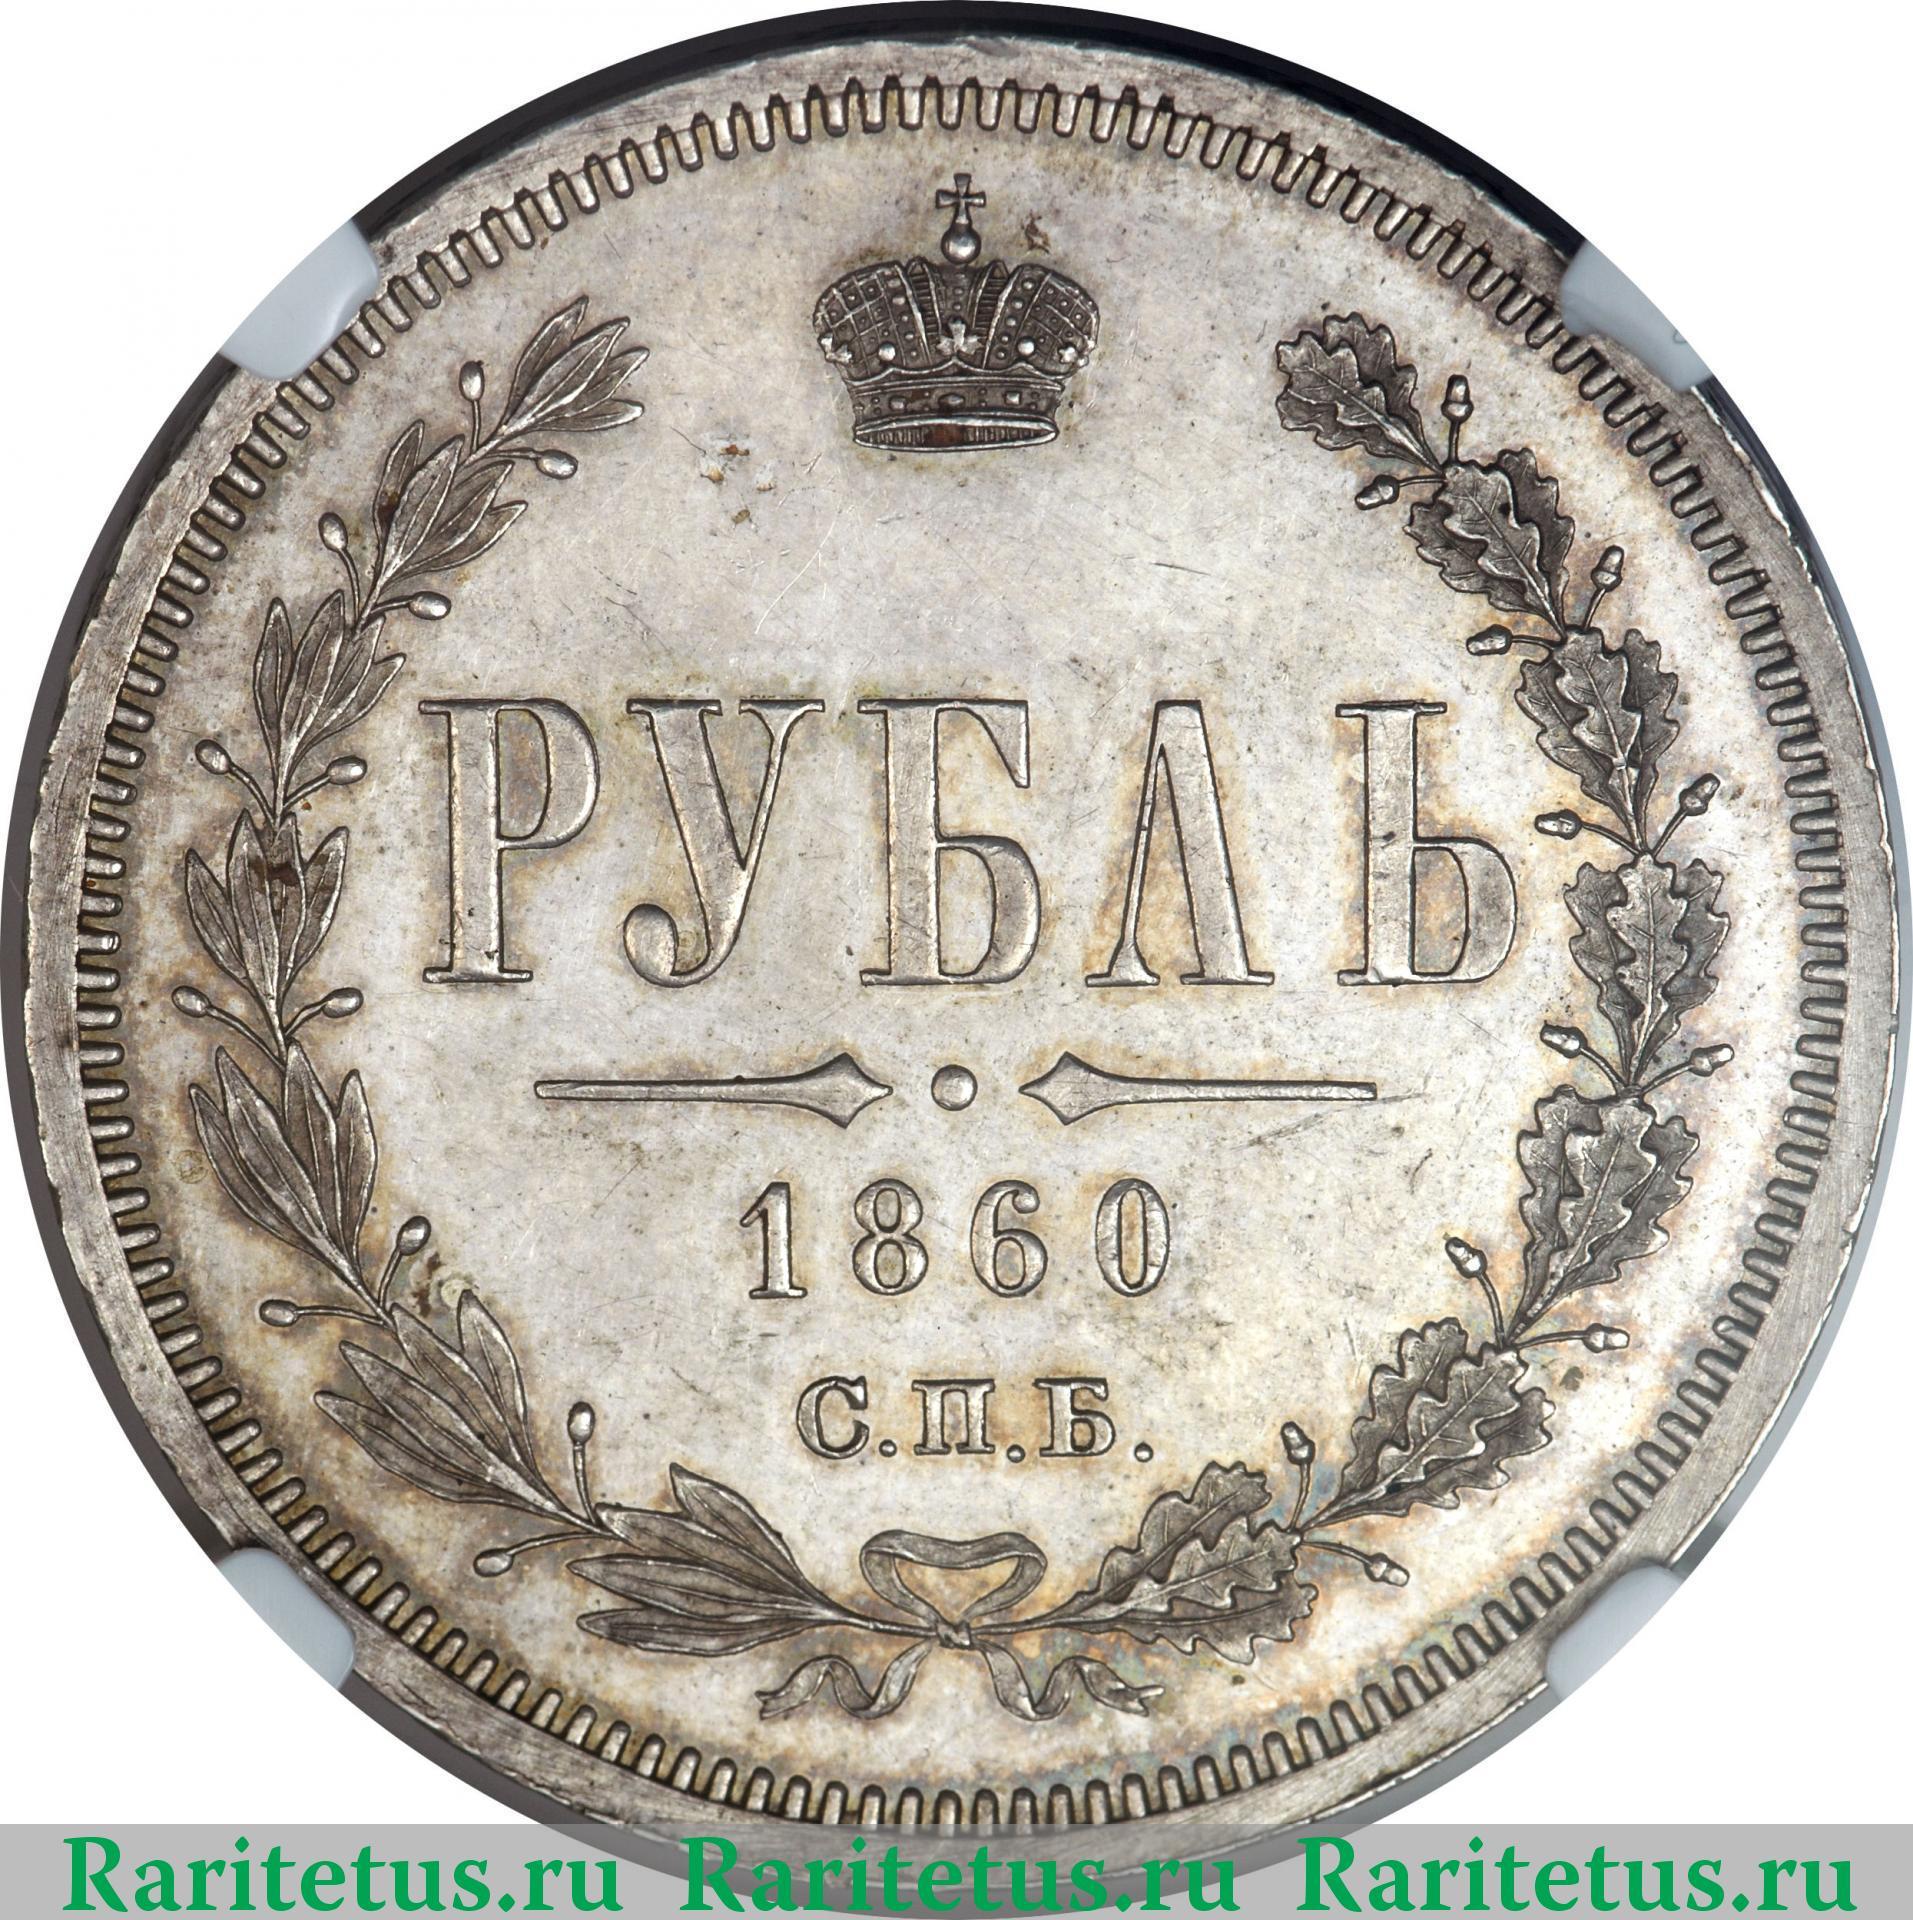 Рубль 1860 г где продать монеты в москве адреса магазинов